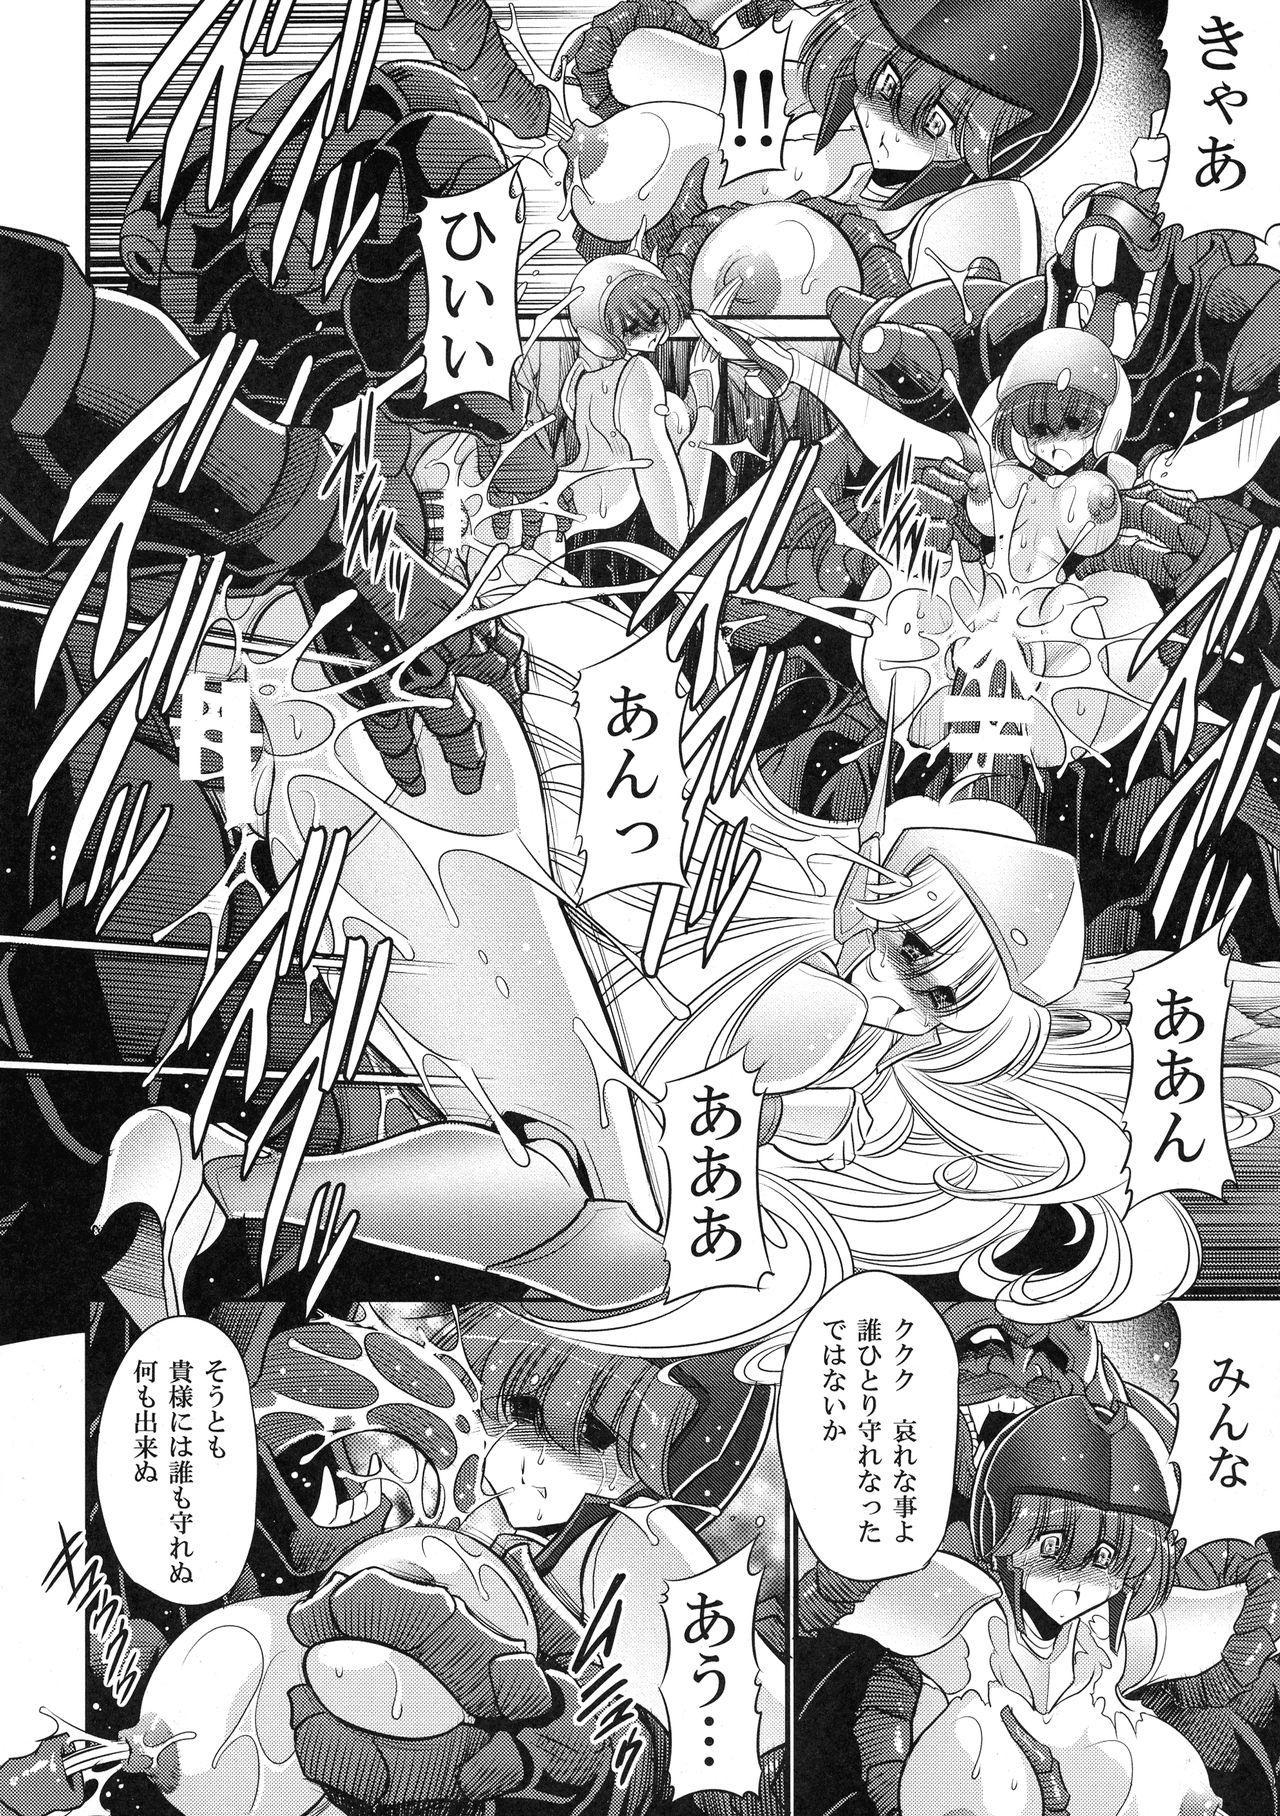 Cronos no Dai Gyakushuu 25